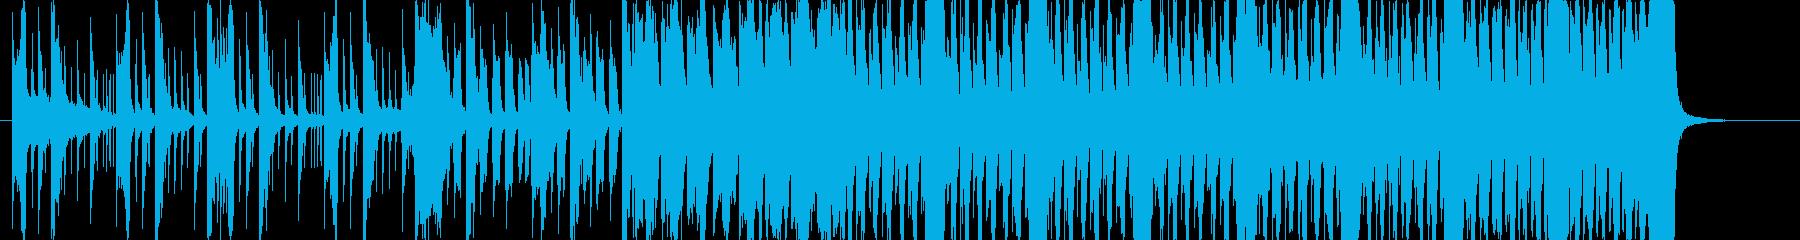 激しい和風EDM 侍サムラEDMショートの再生済みの波形